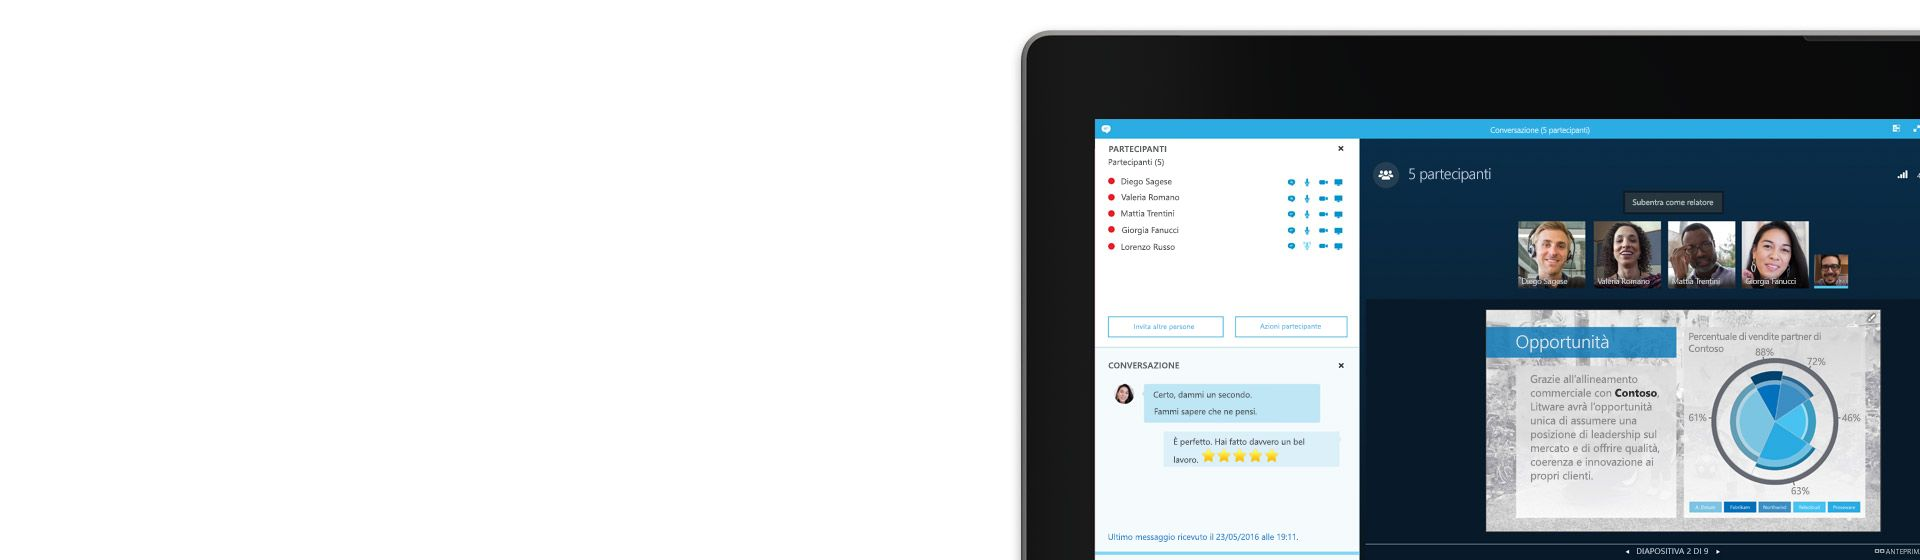 Angolo dello schermo di un computer che visualizza una riunione online con l'elenco dei partecipanti in Skype for Business